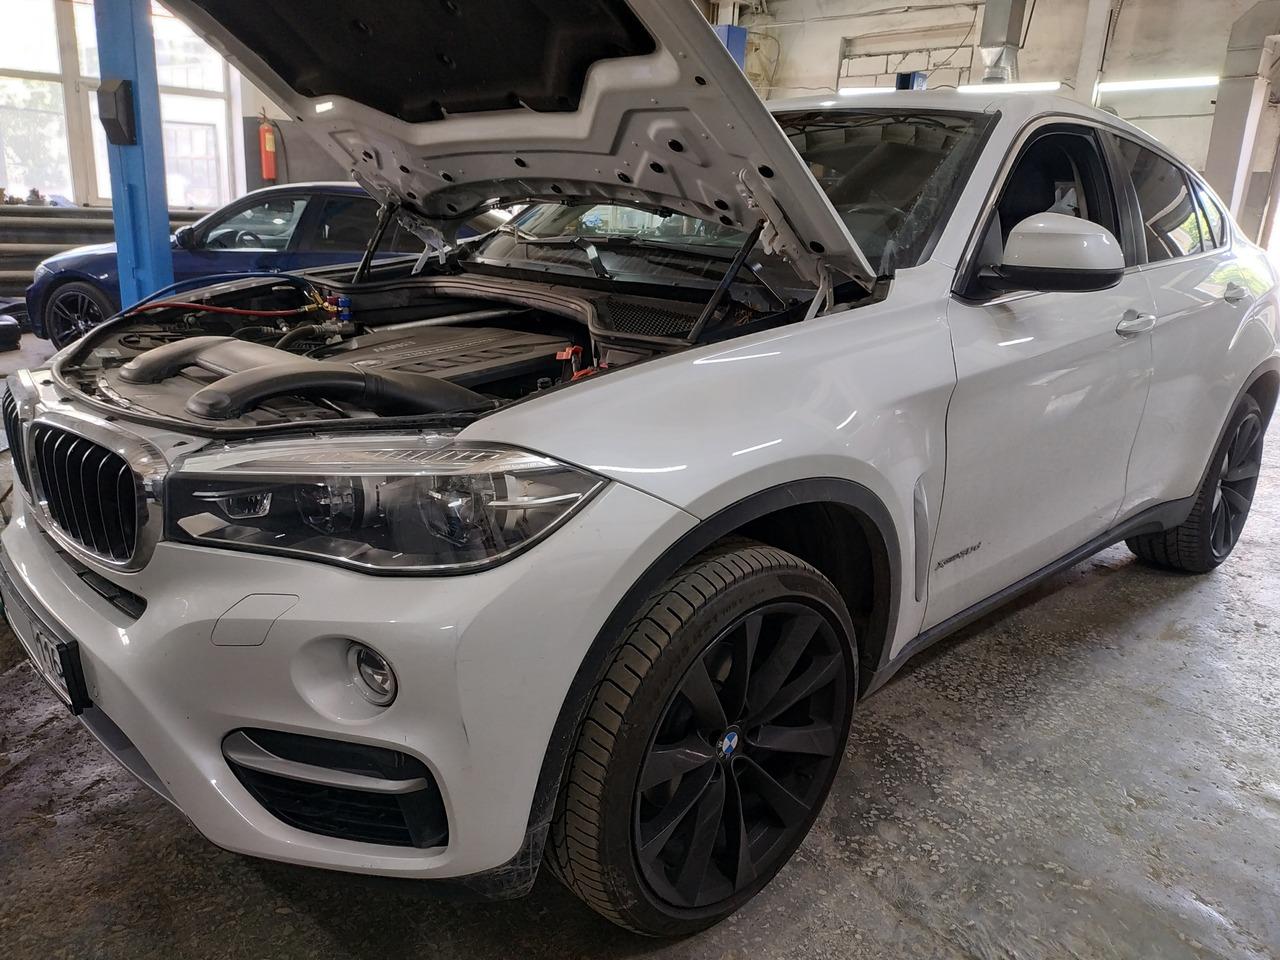 BMW Х6 F16 30d 2016 г.в.